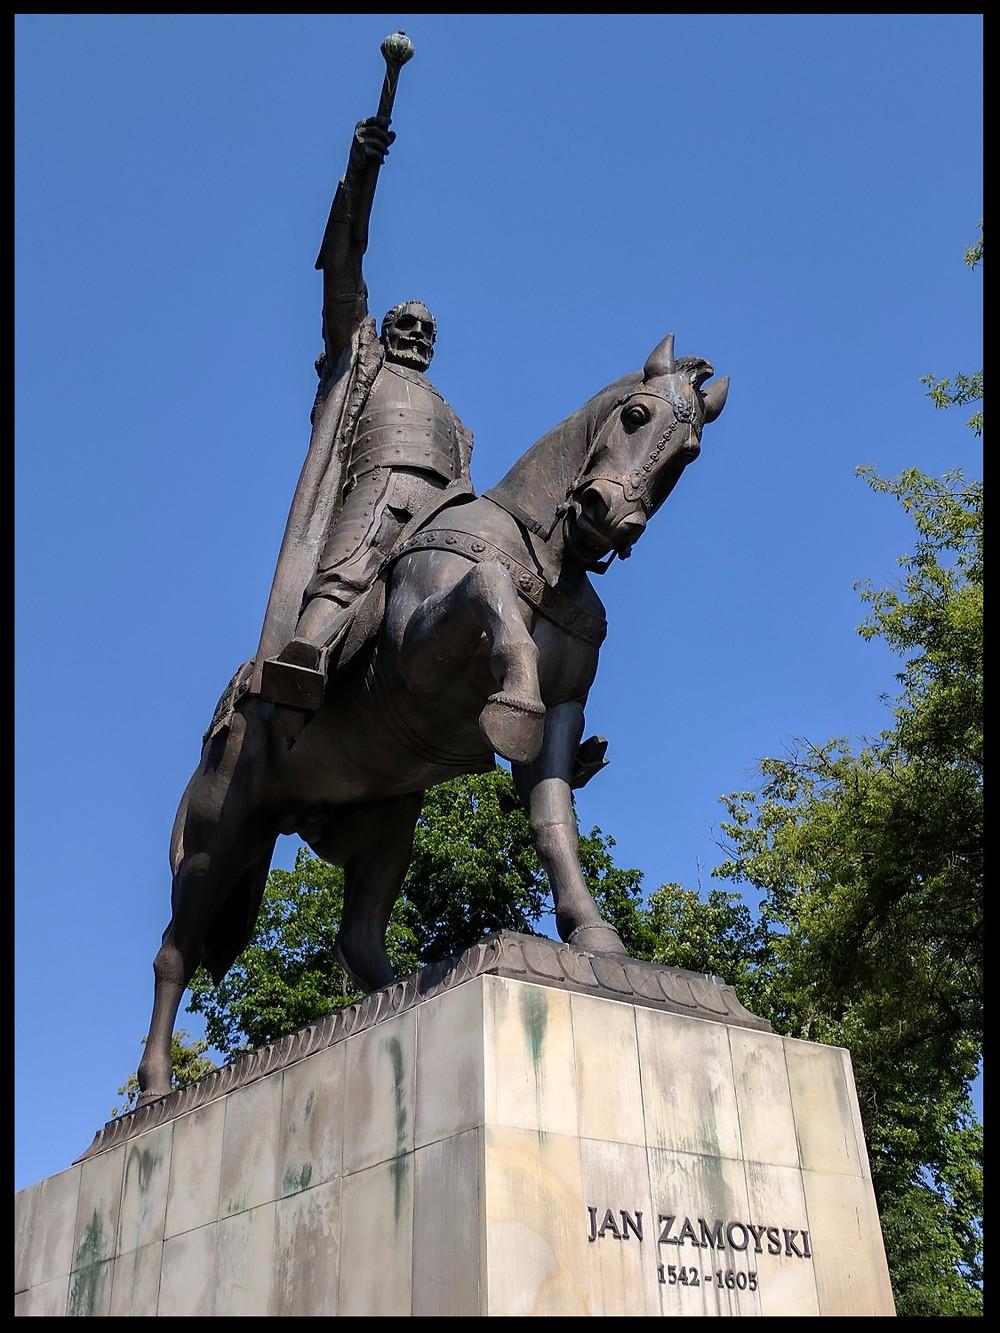 Monument to Jan Zamoyski, founder of Zamość.